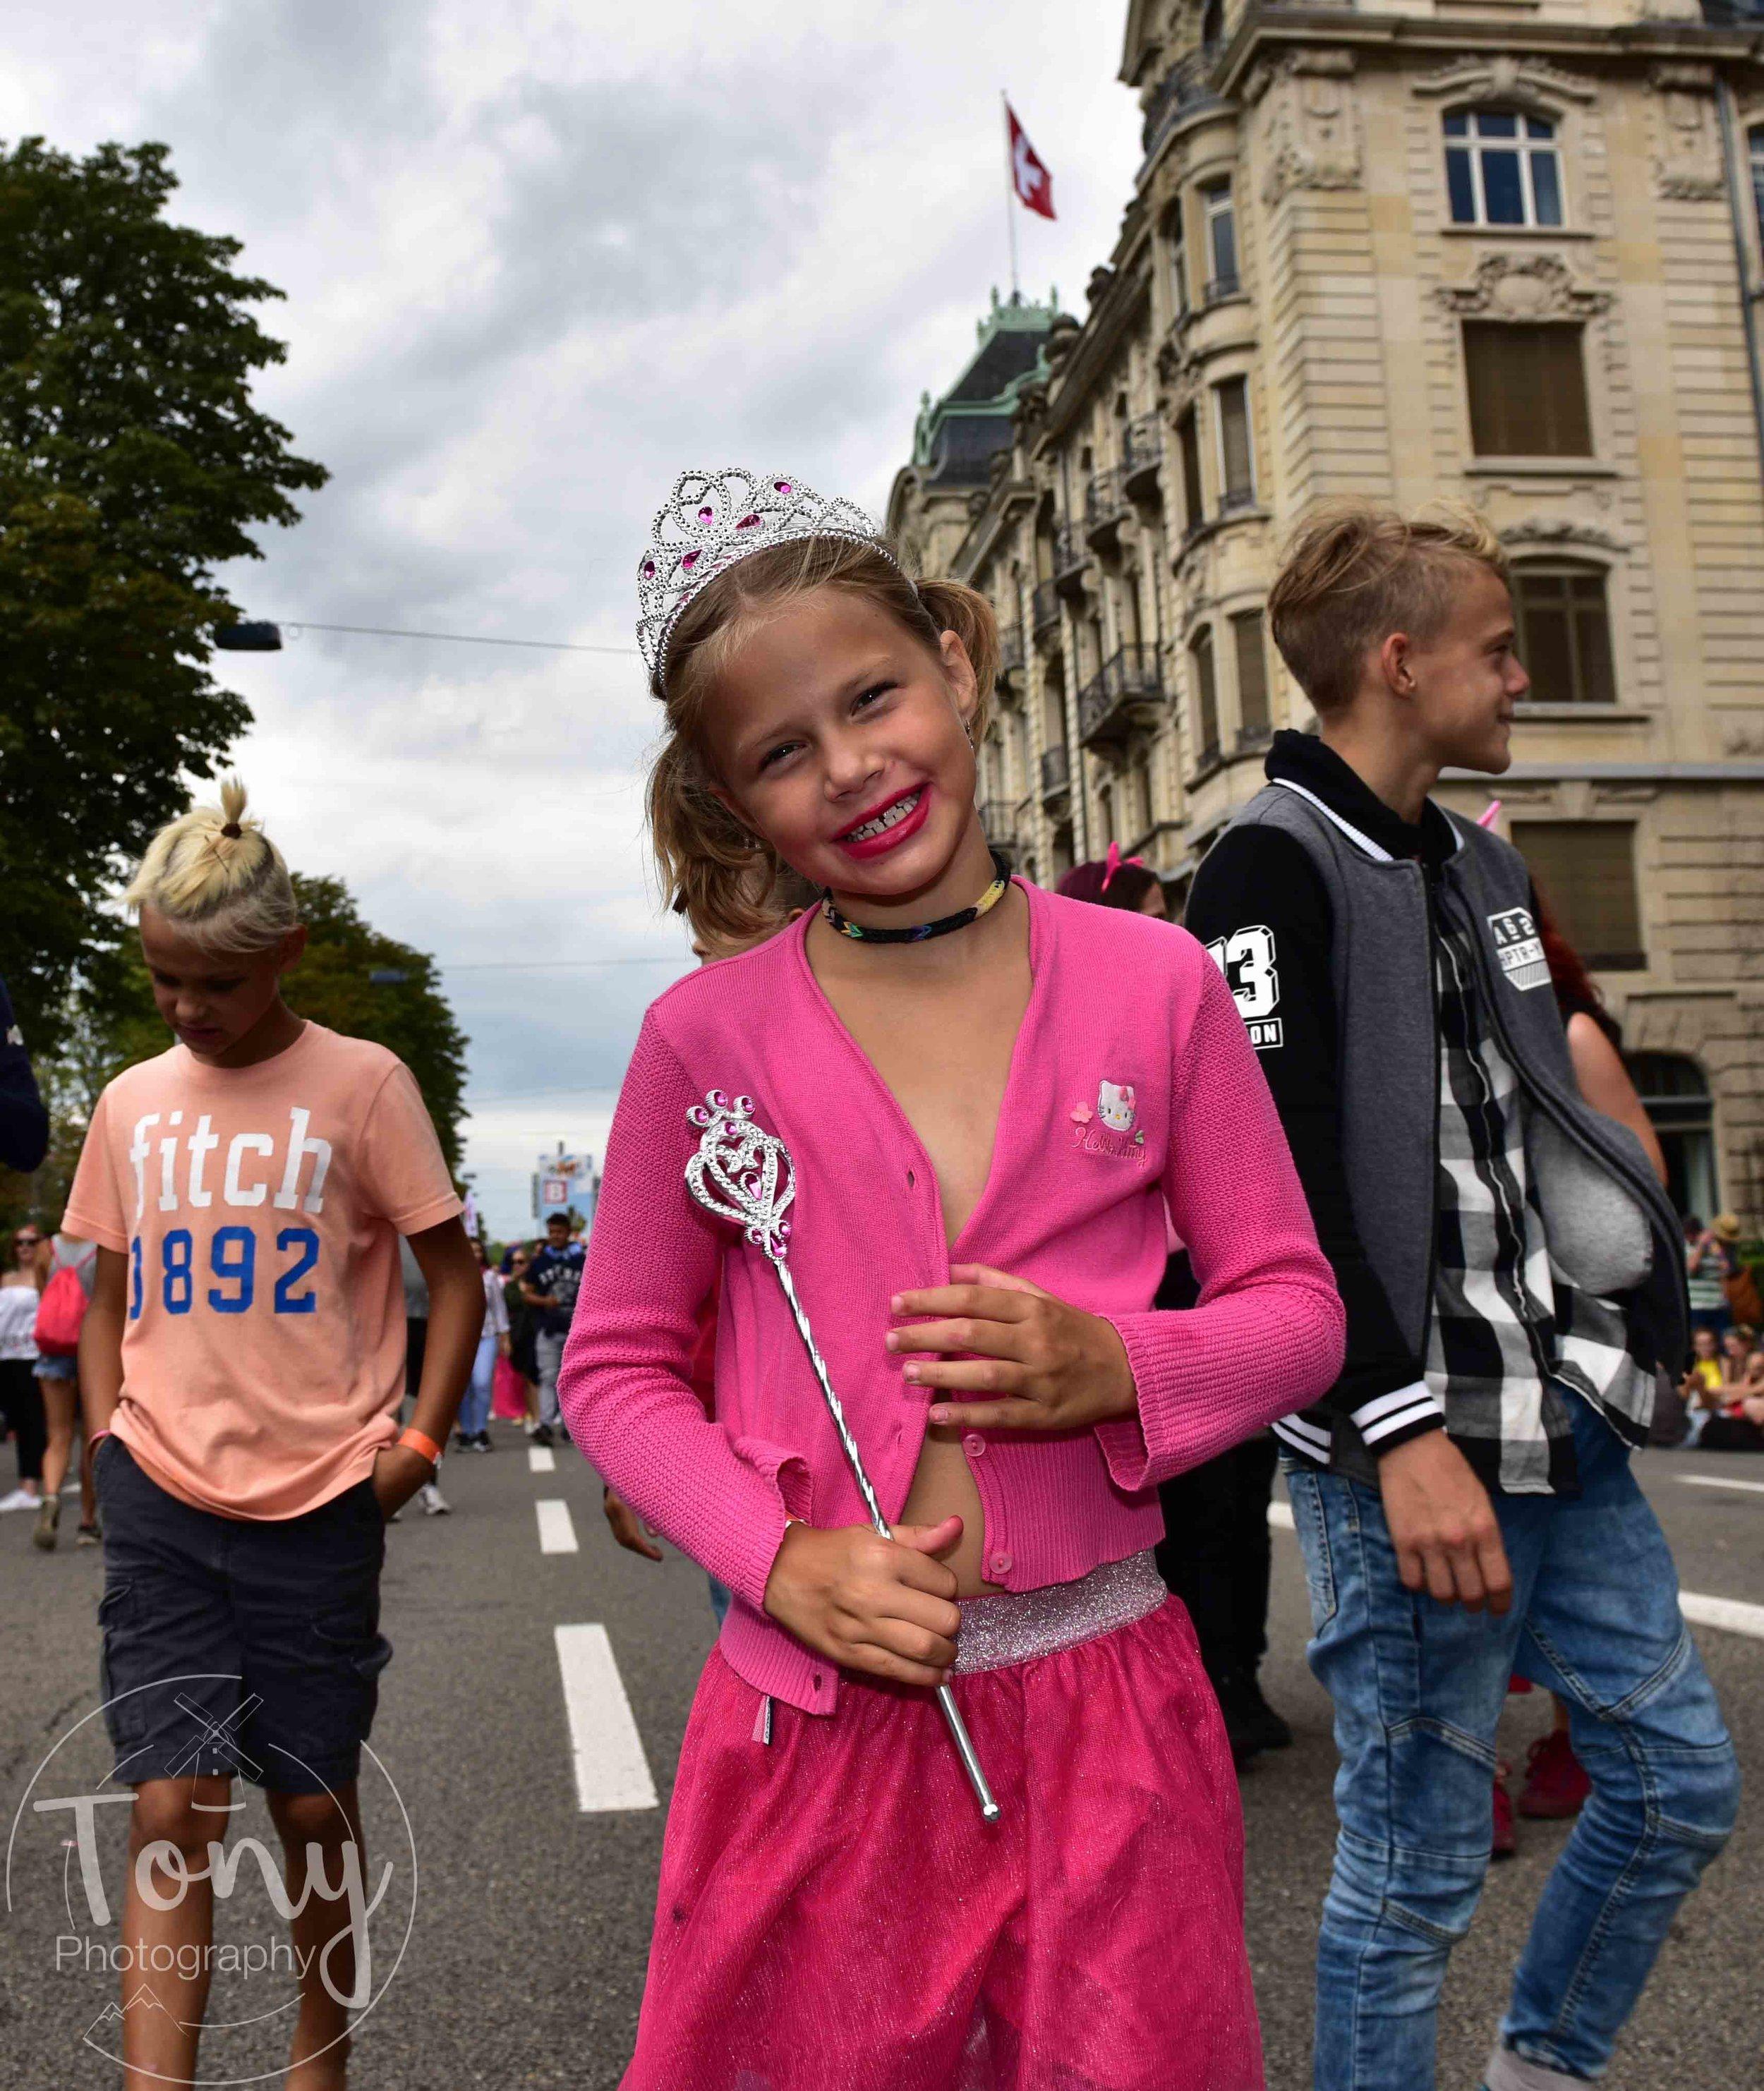 streetparade-45.jpg